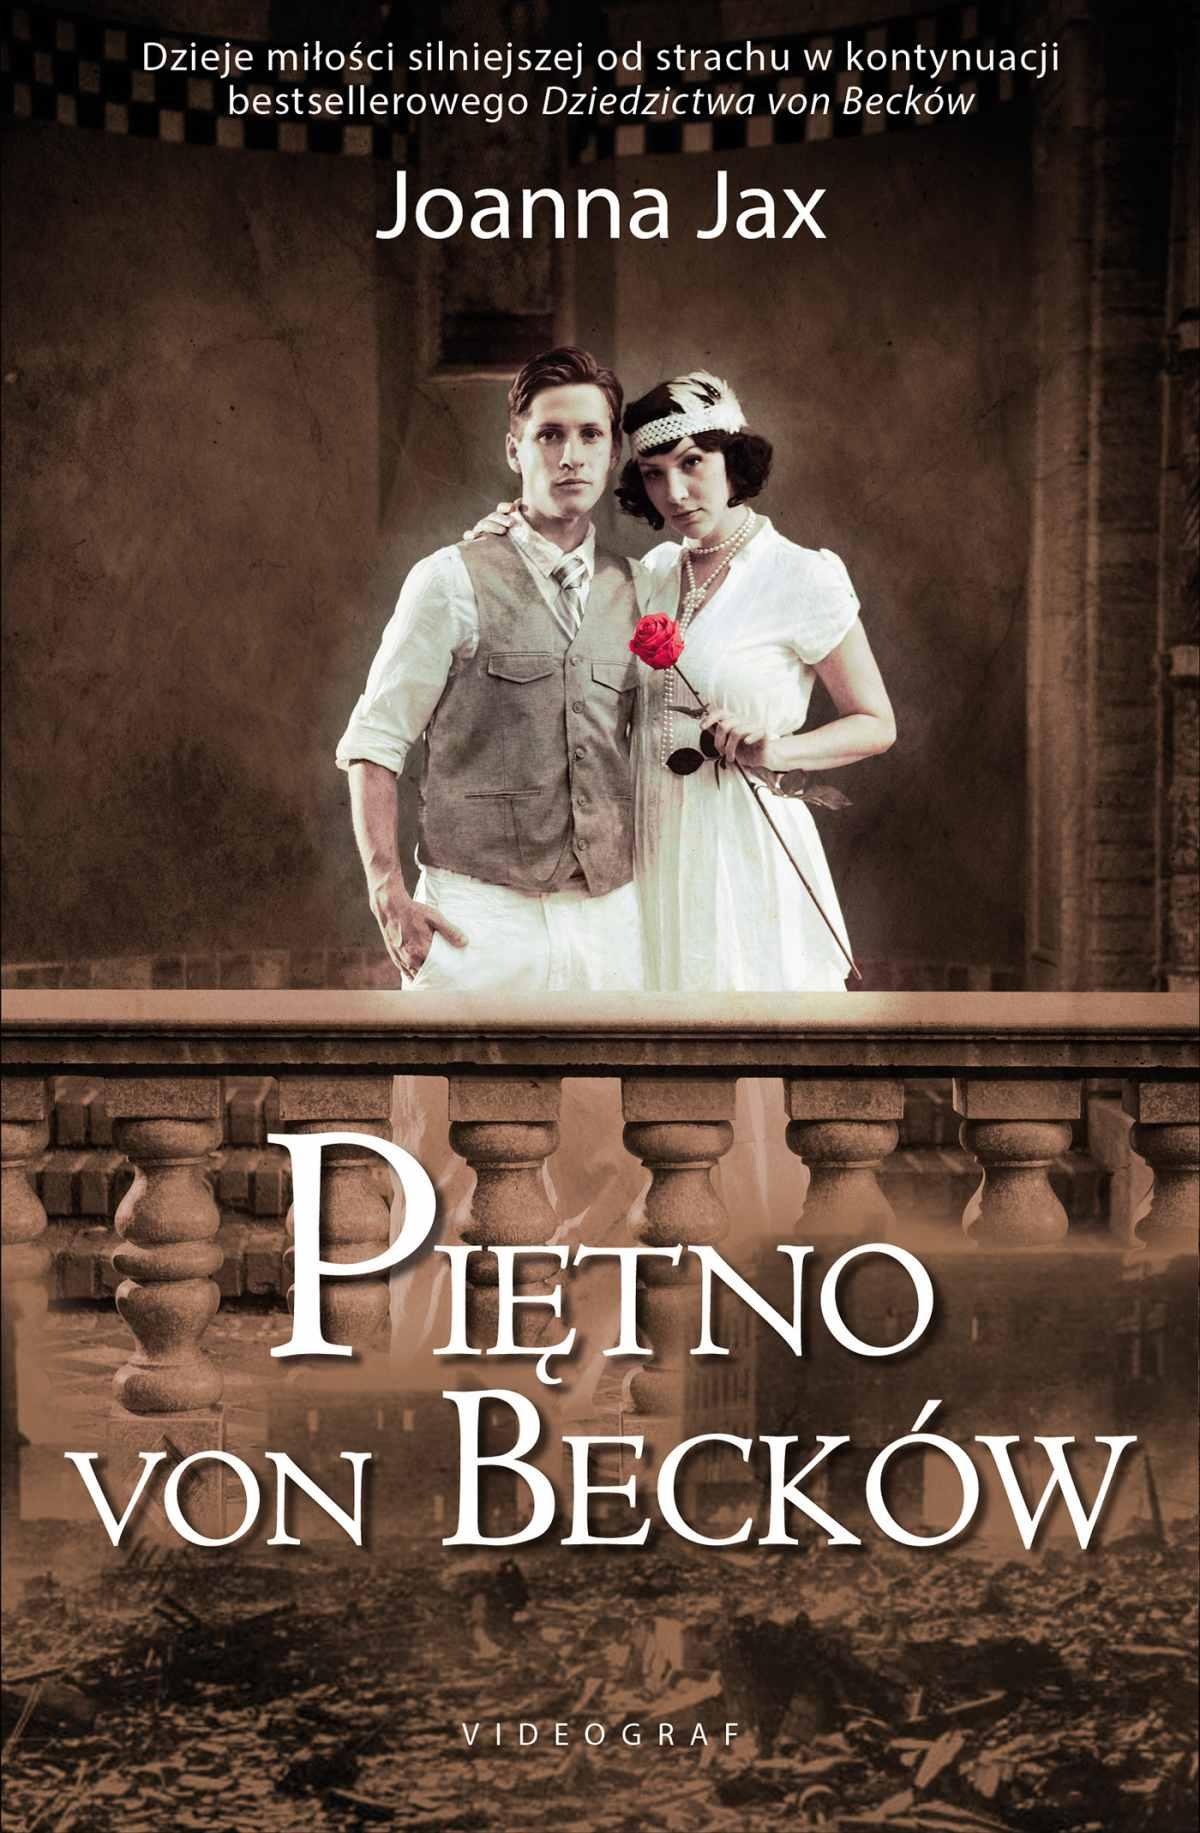 Piętno von Becków - Ebook (Książka EPUB) do pobrania w formacie EPUB